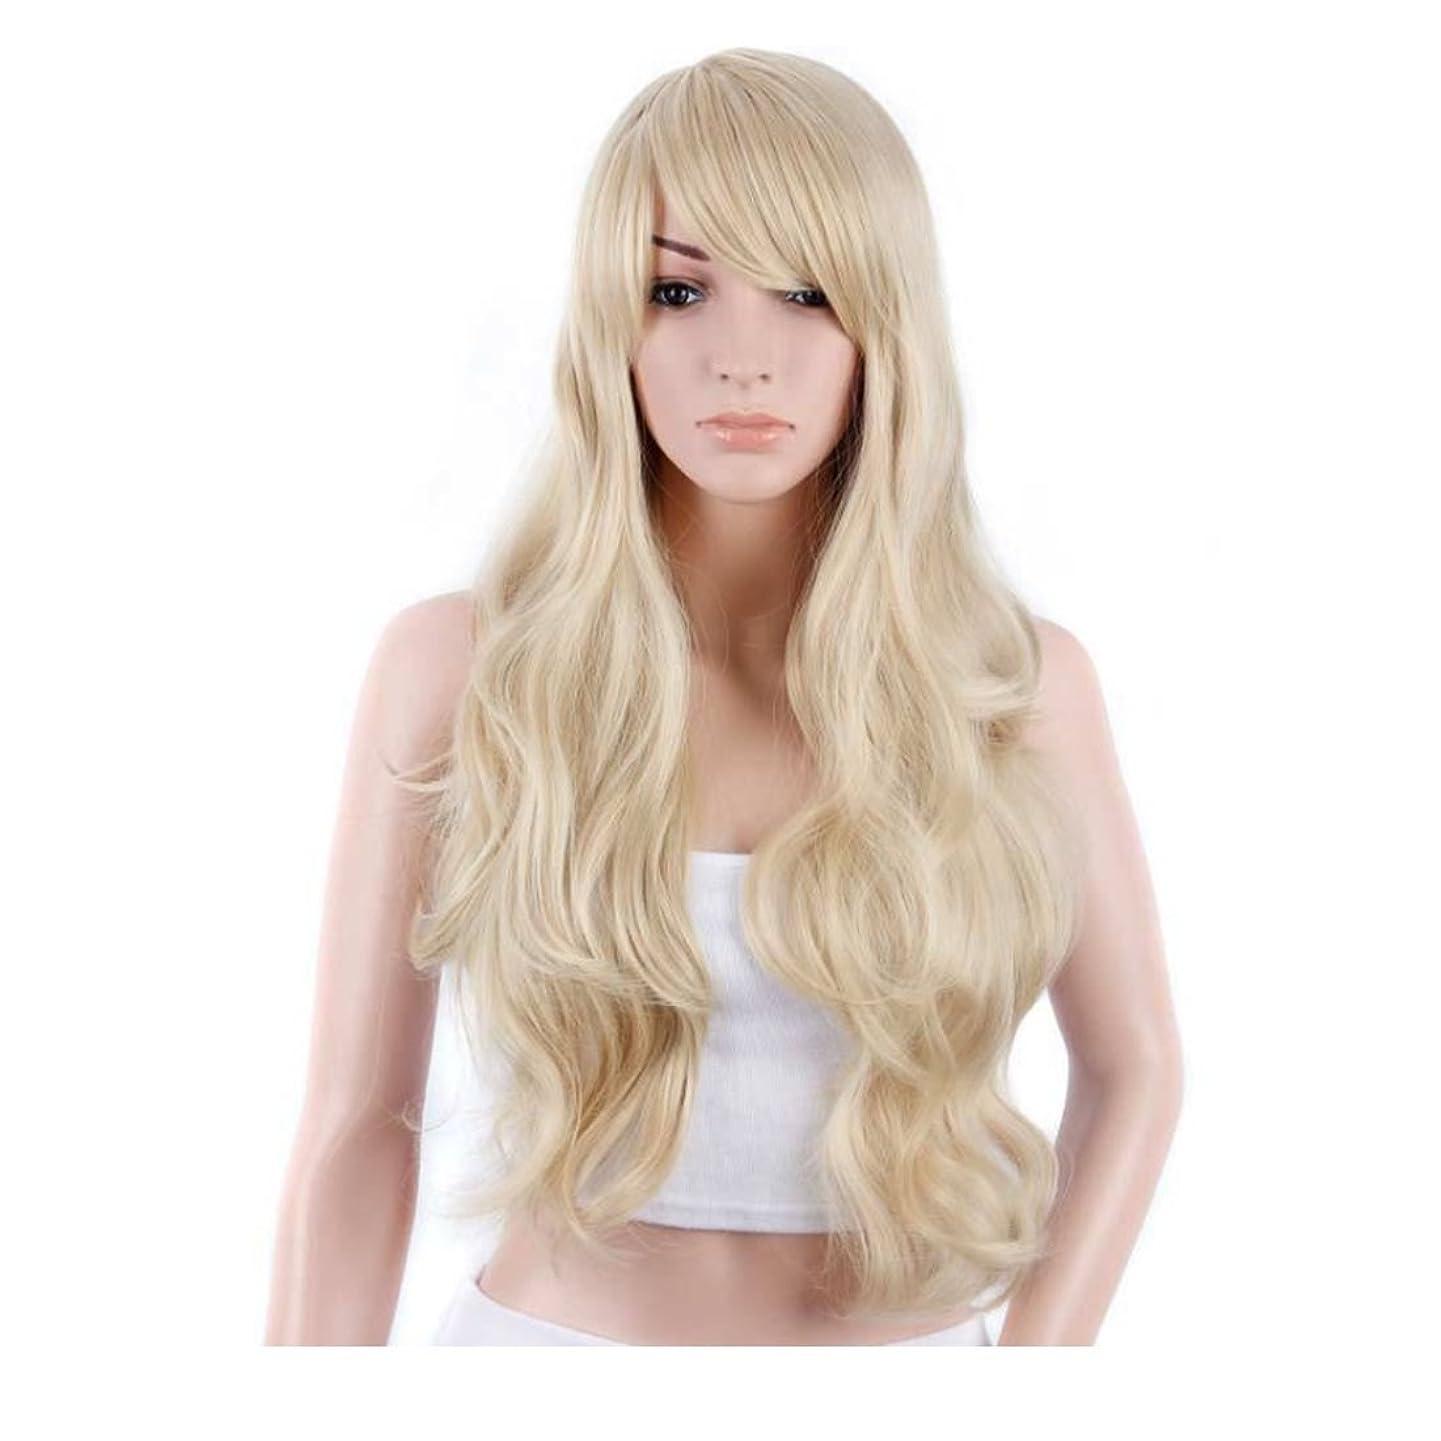 連鎖兄飲み込むKoloeplf 女性のための新鮮で素敵な髪型ウィッグロングストレートヘアーパーソナリティオブリックバングウィッグパーソナリティヘアナチュラルカラー21inchの長さのためのふわふわかつら(黒、ベージュ) (Color : Beige)